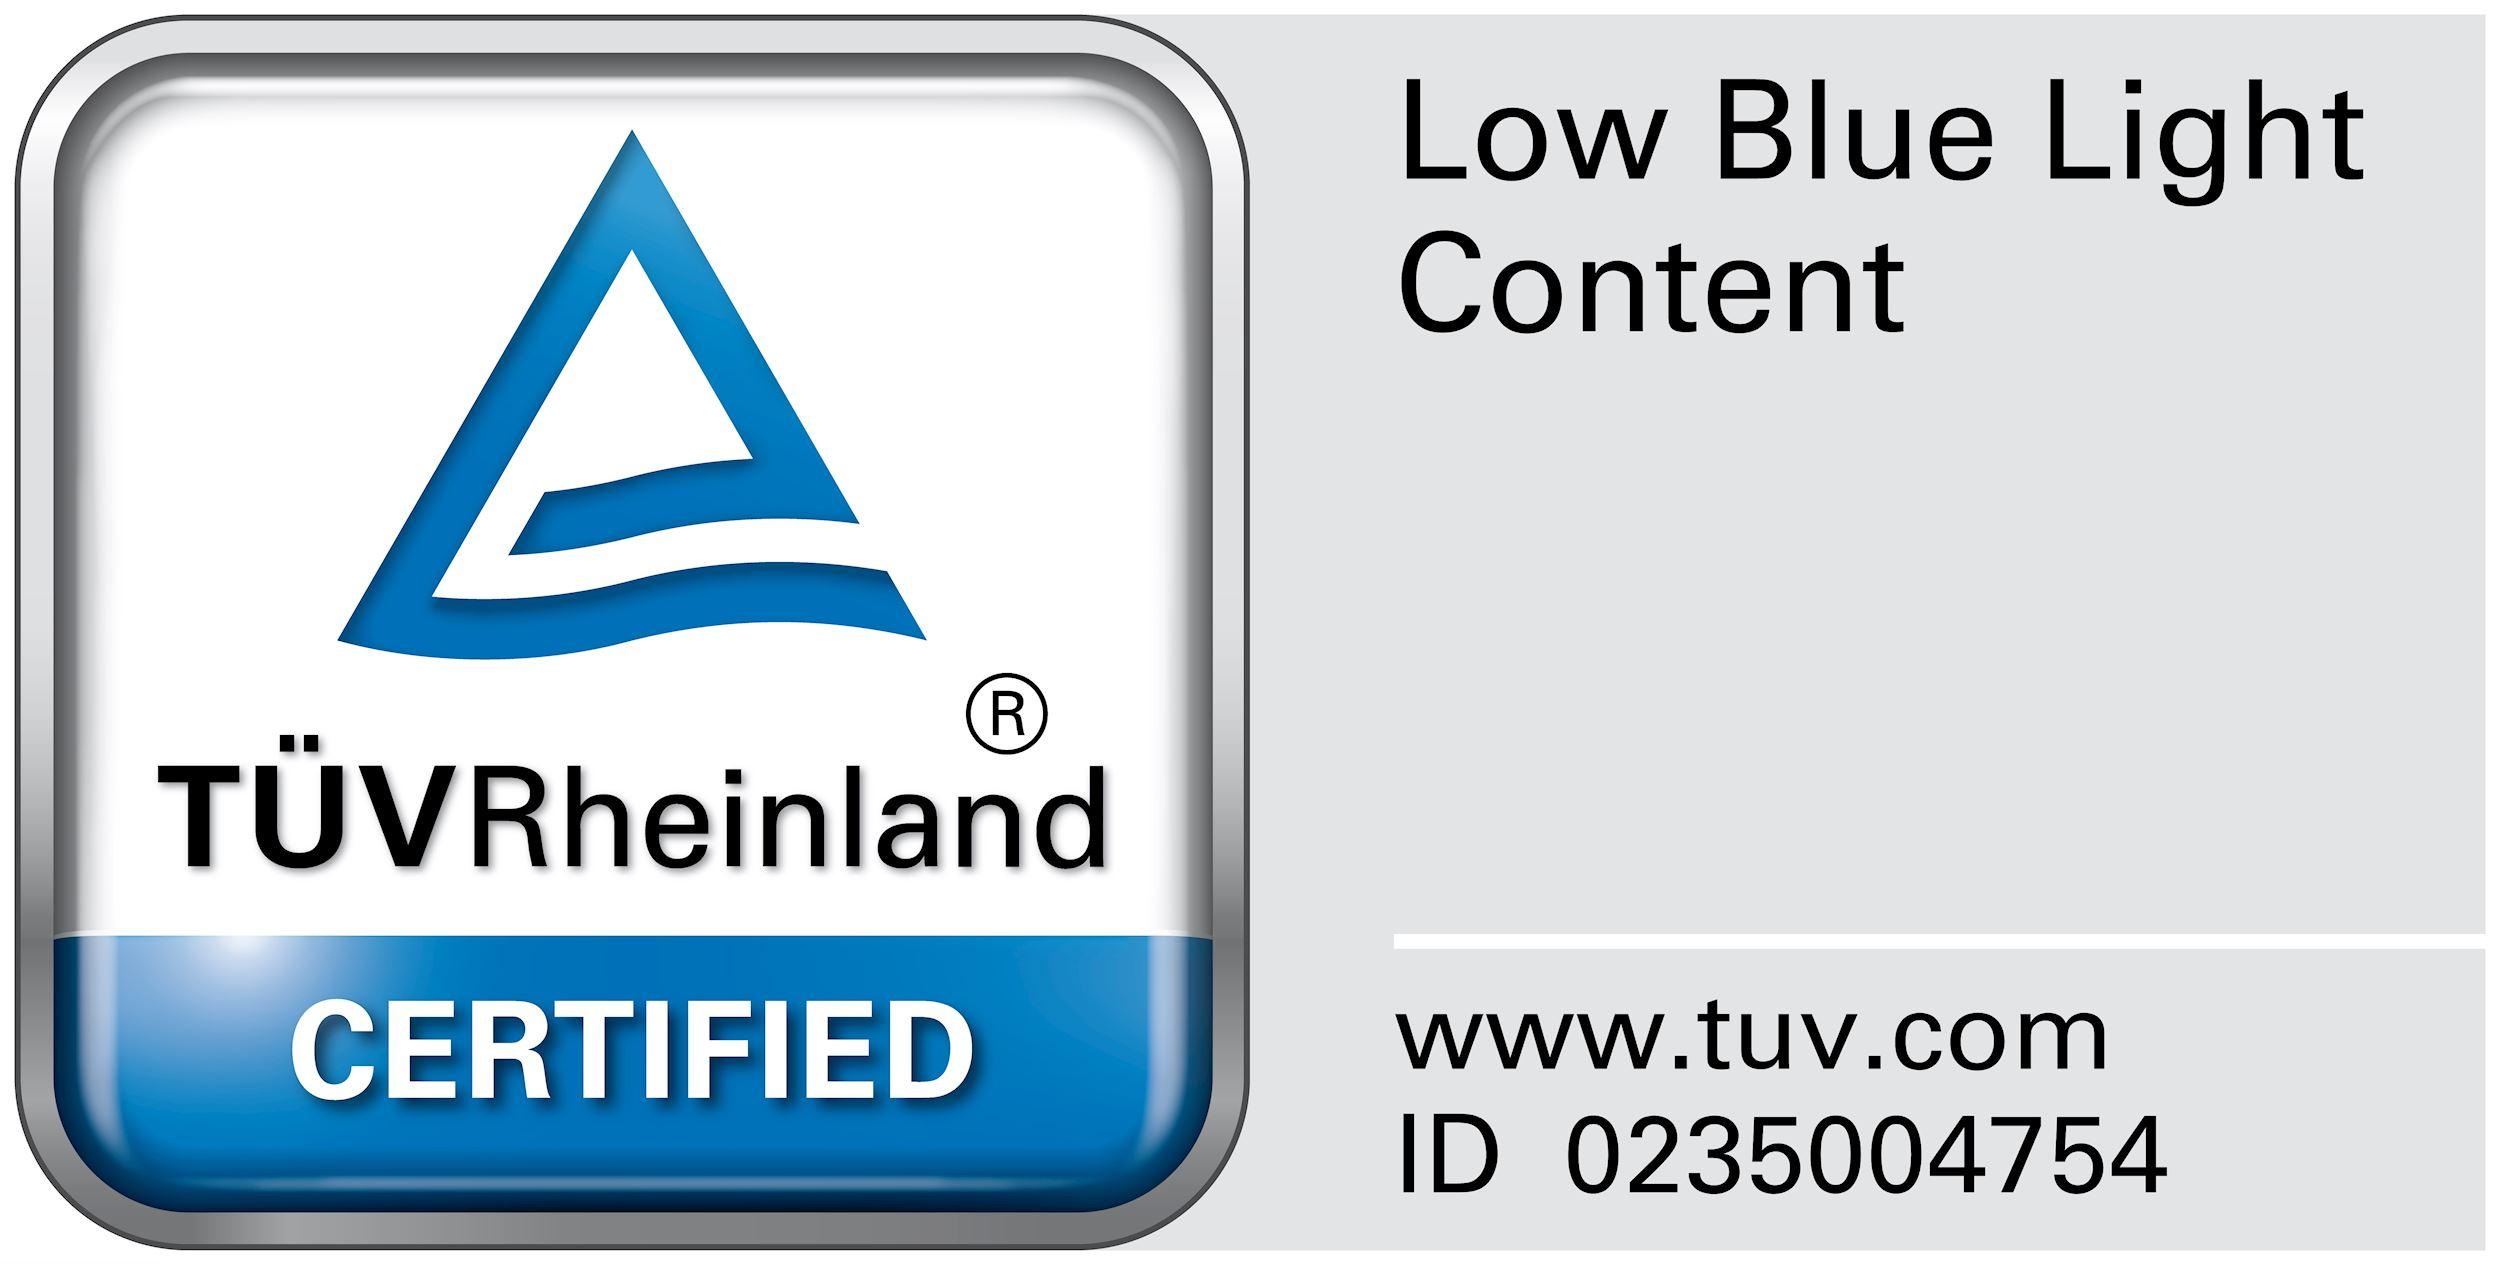 Wyświetlacz z certyfikatem TUV Low blue light